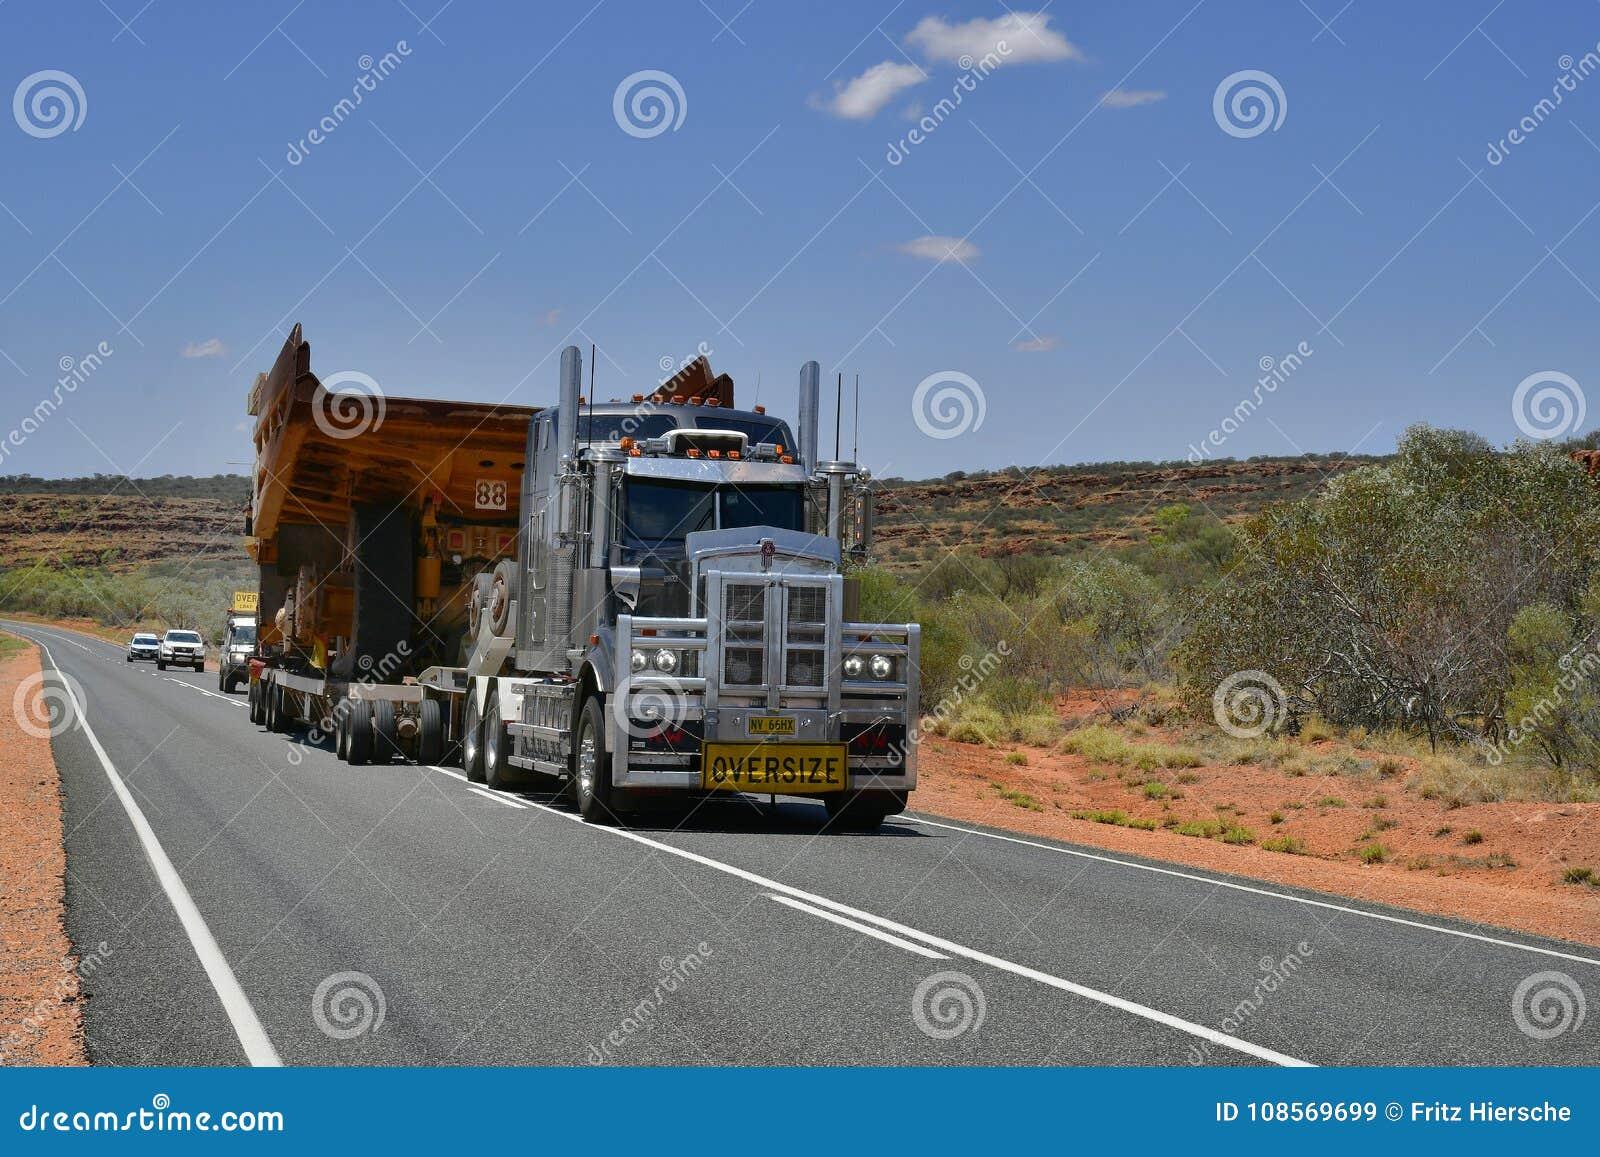 Australien, Transport, Industrie, LKW